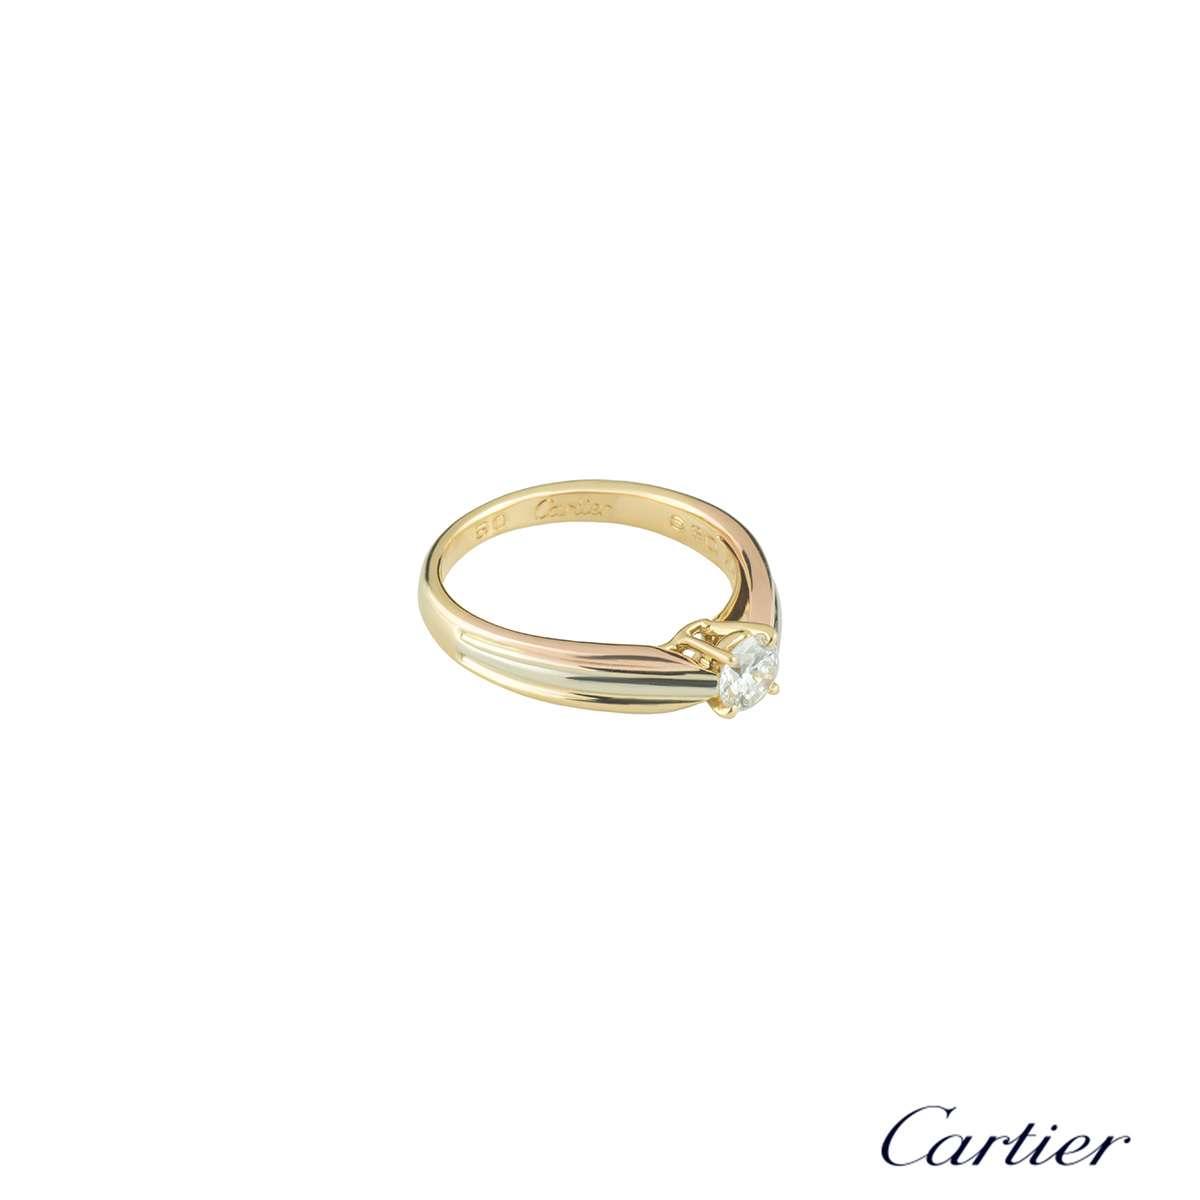 CartierTrinity Diamond Ring0.34ctE-F/VVS2